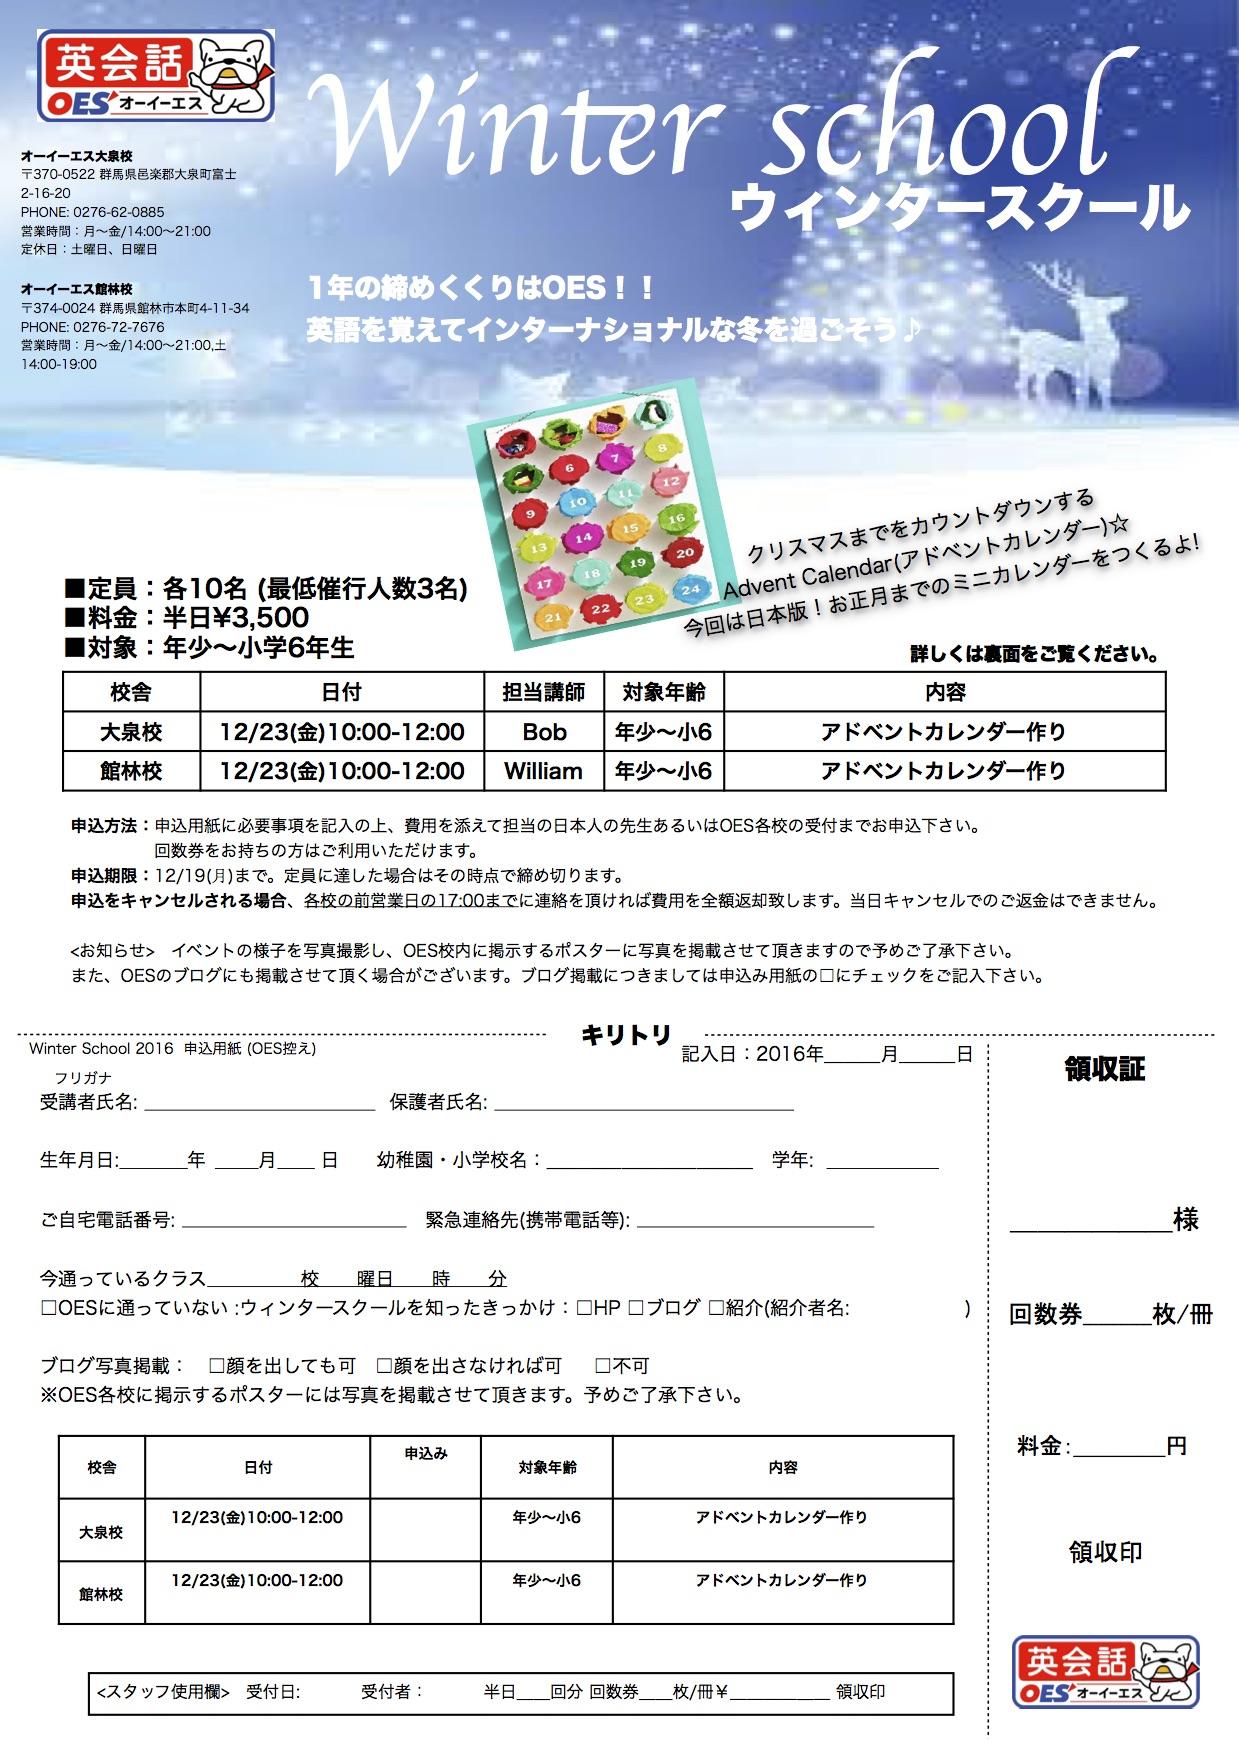 申込用紙Winter school 2016 のコピー